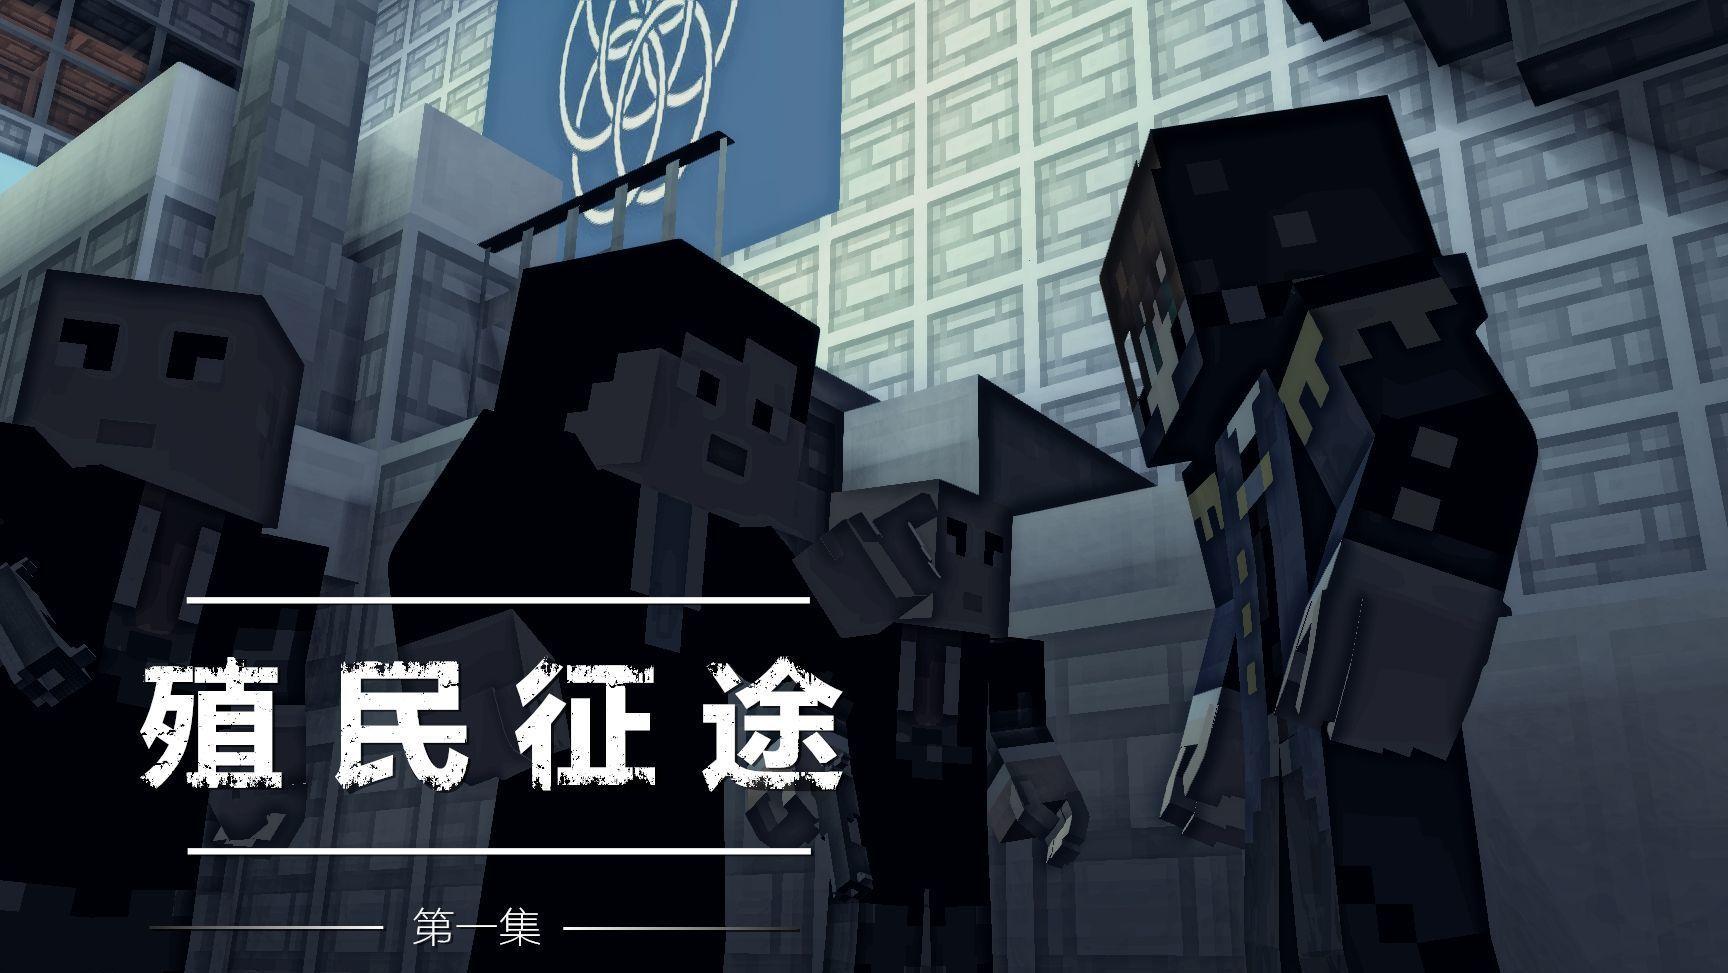 【MC動畫】《殖民·征途》第一集----震撼來襲